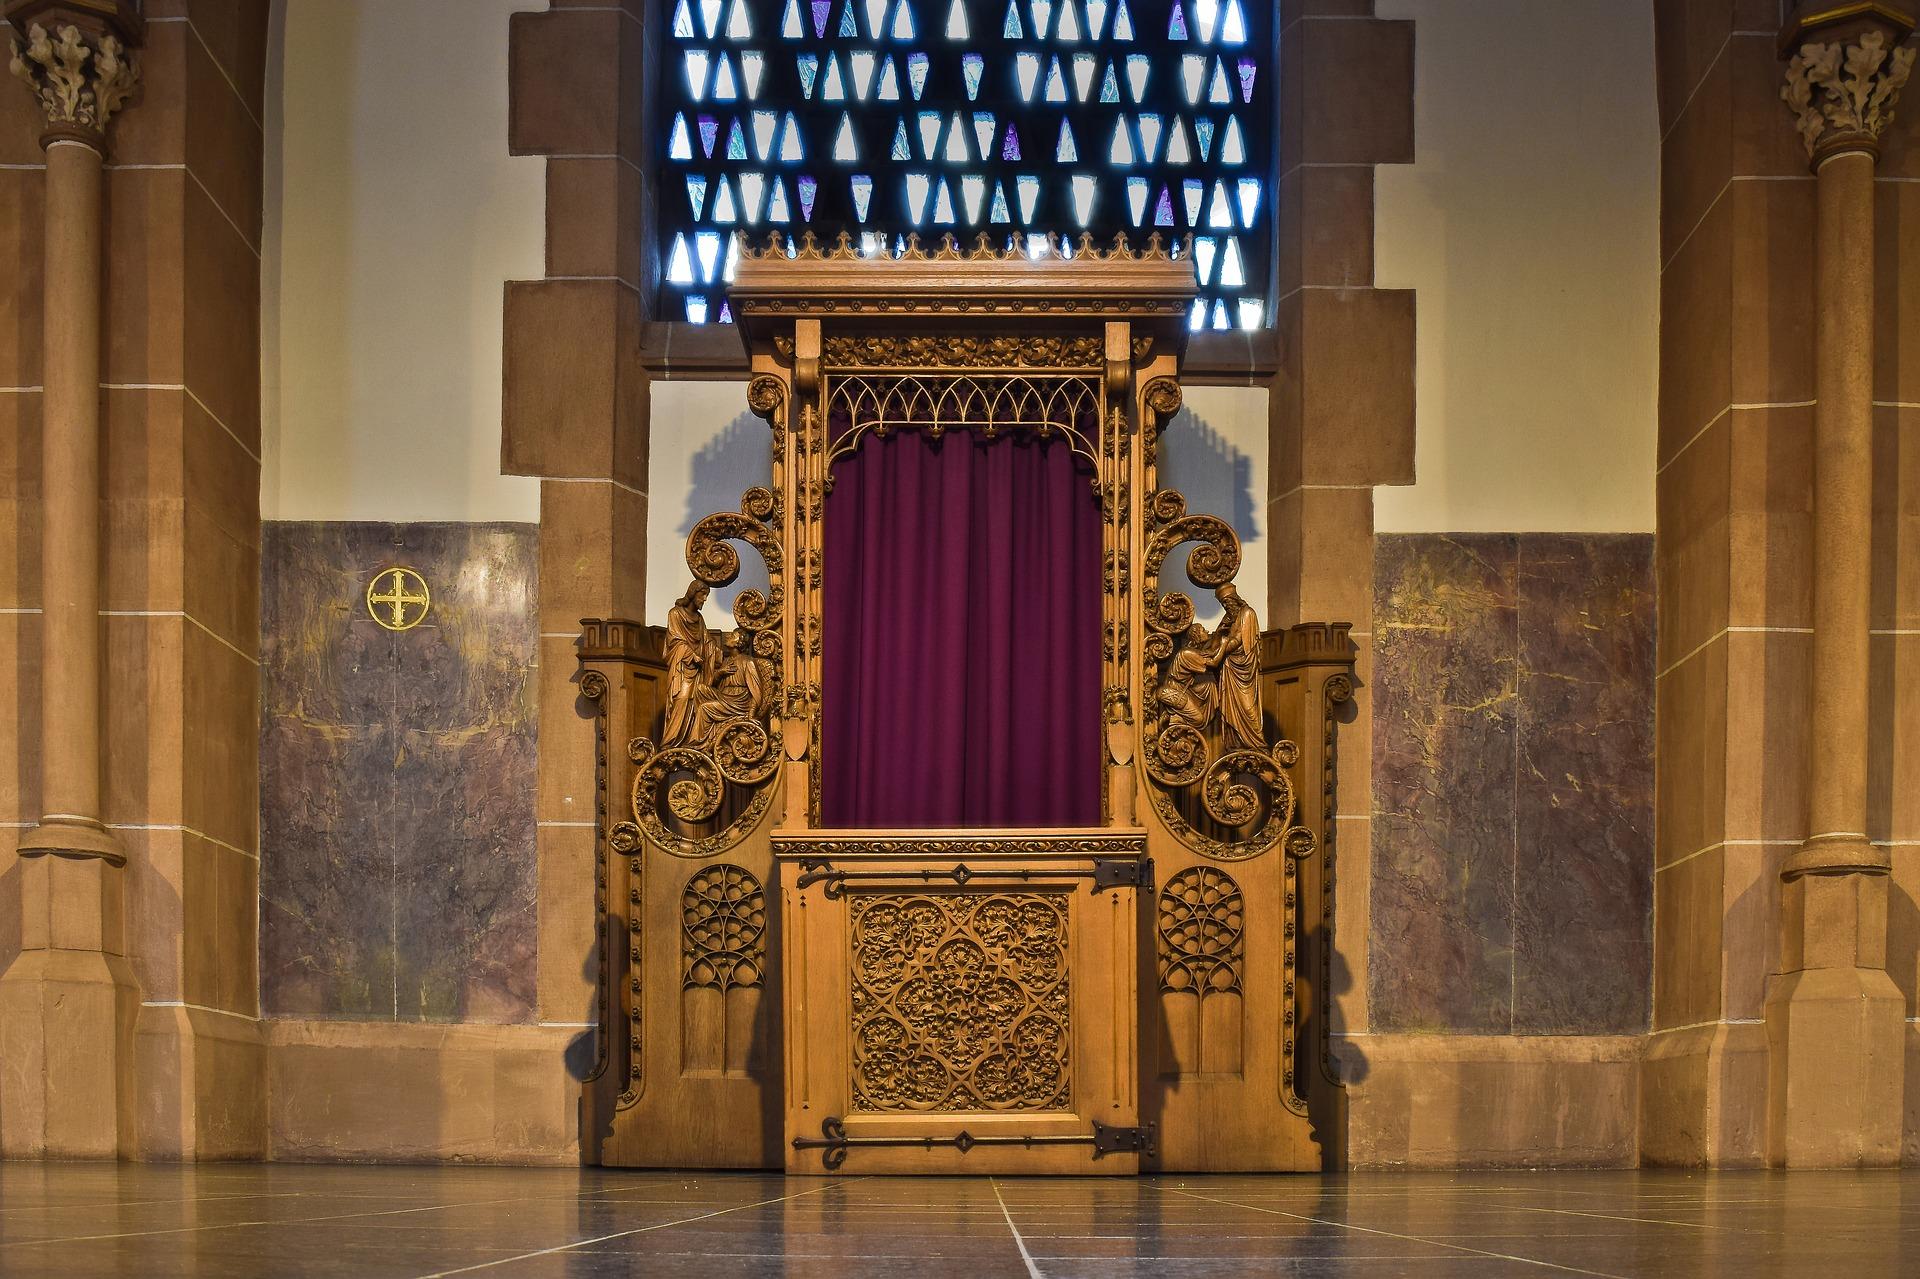 Kościół katolicki zaktualizował listę grzechów. Doszedł hejt, bogacenie się i kwestie łóżkowe - Zdjęcie główne